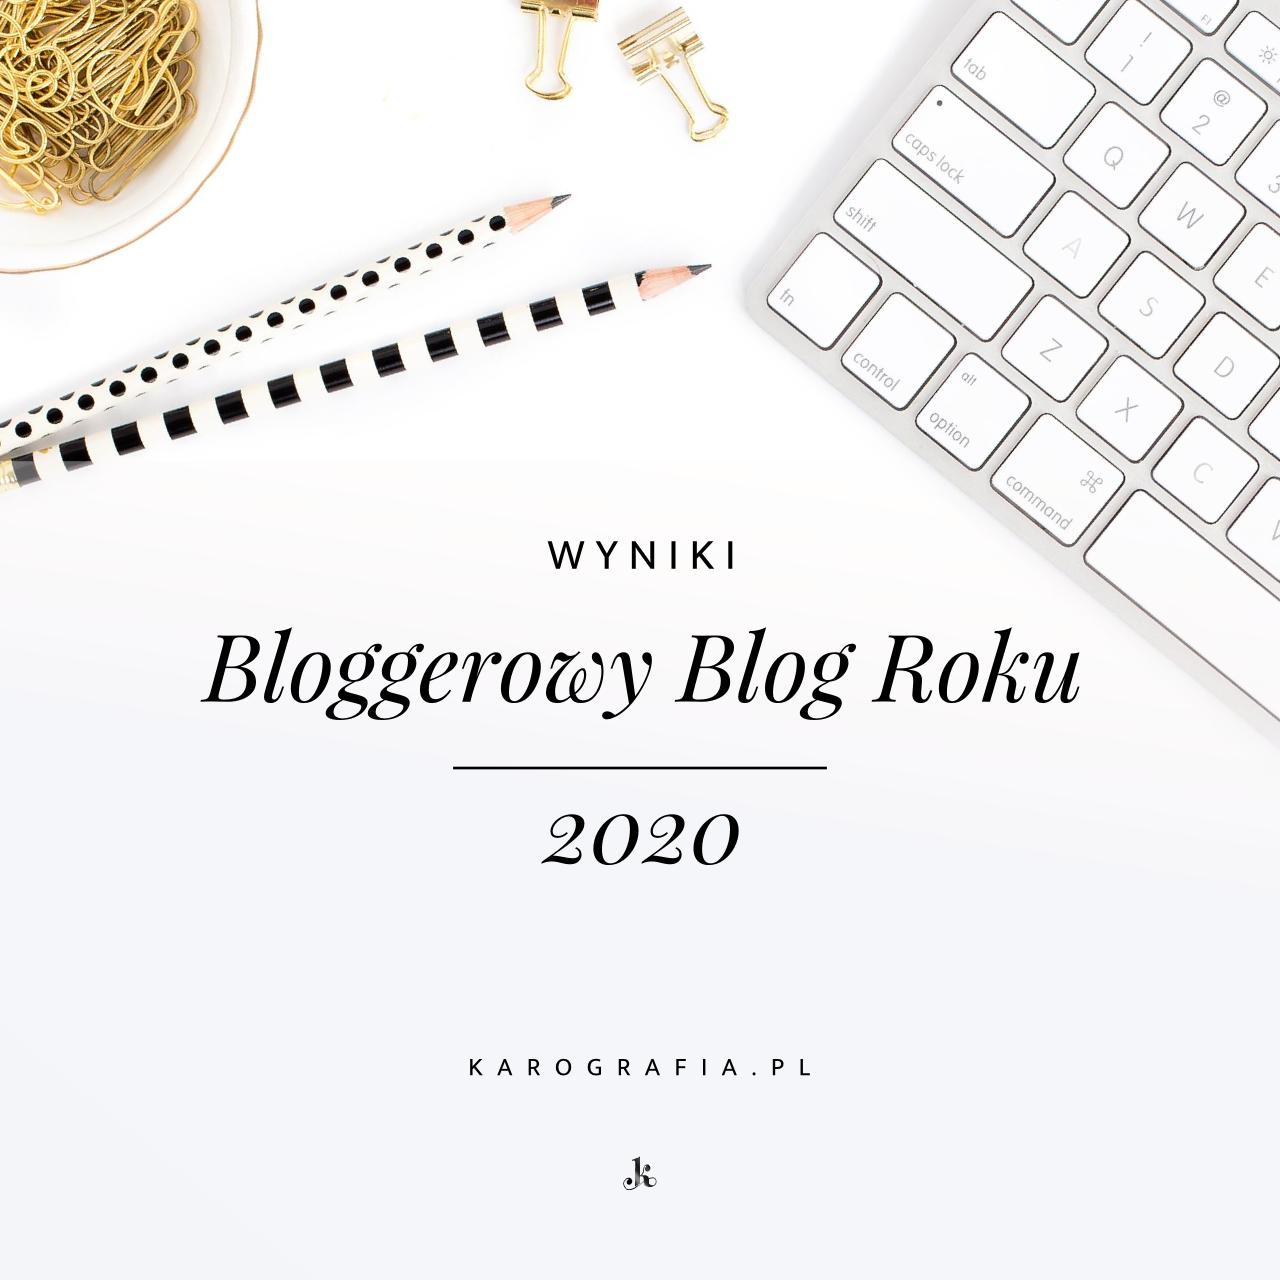 Bloggerowy Blog Roku 2020 - poznaj zwycięzców!